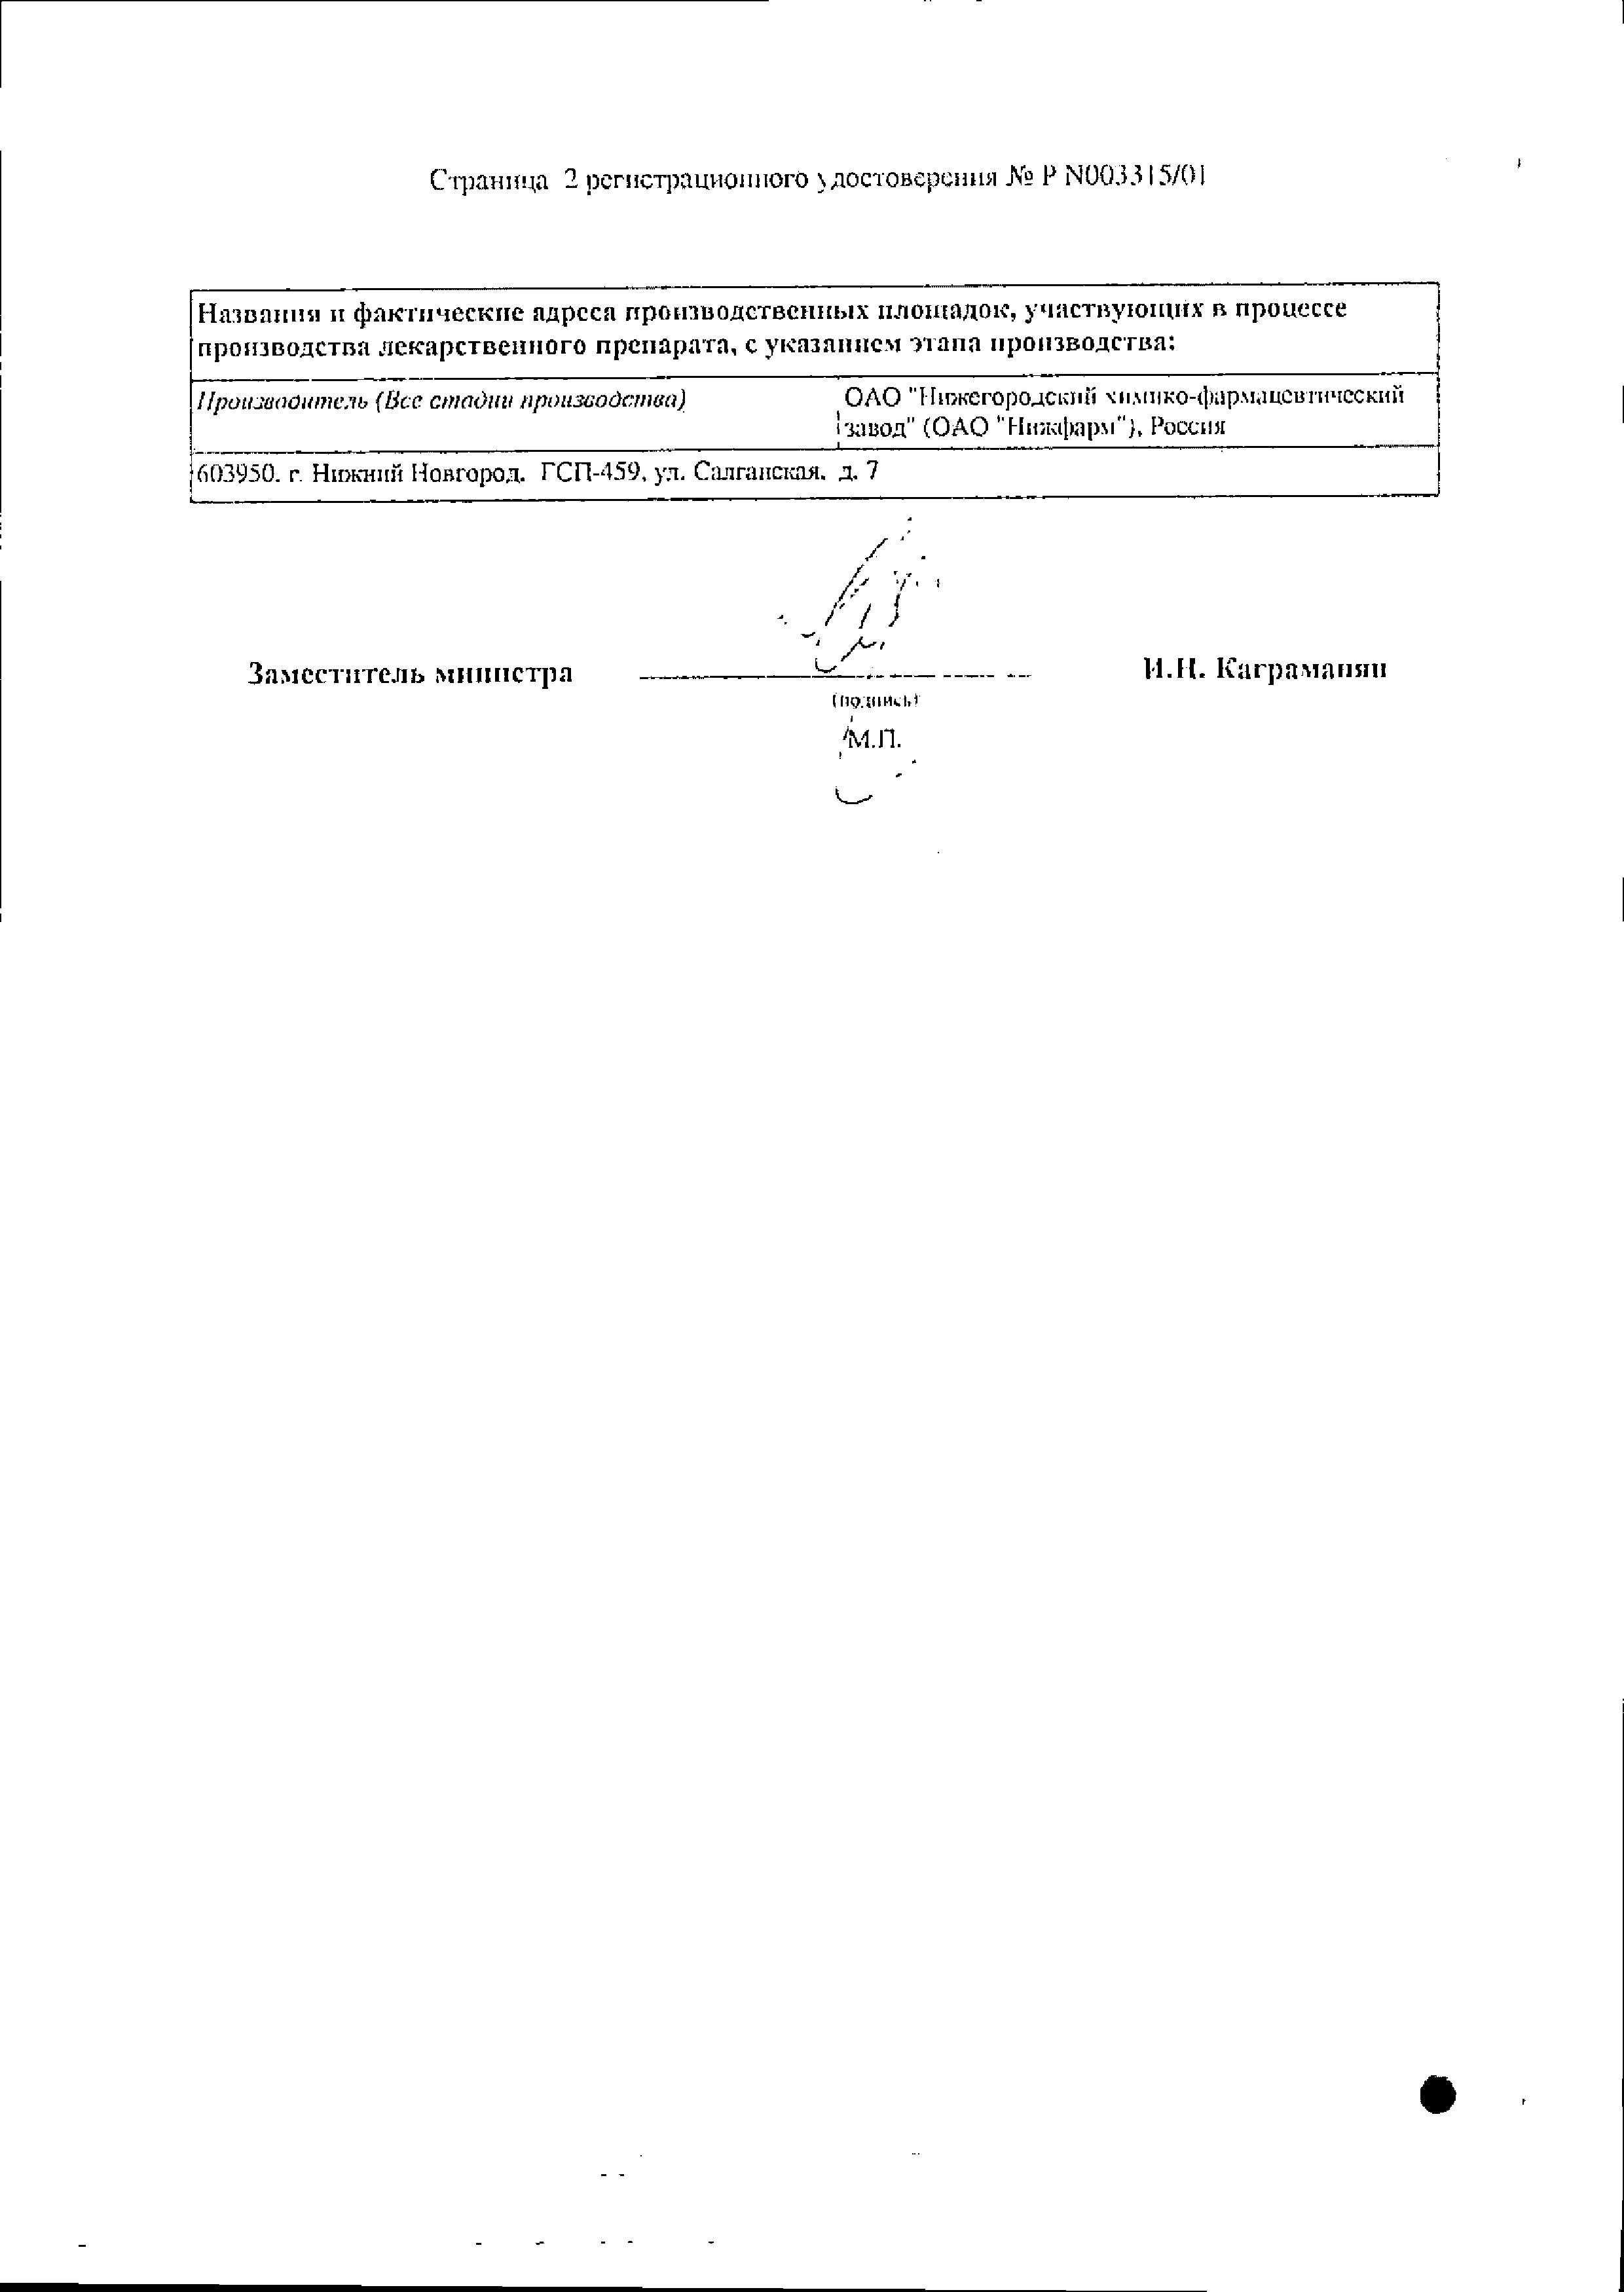 Ихтиол (свечи) сертификат